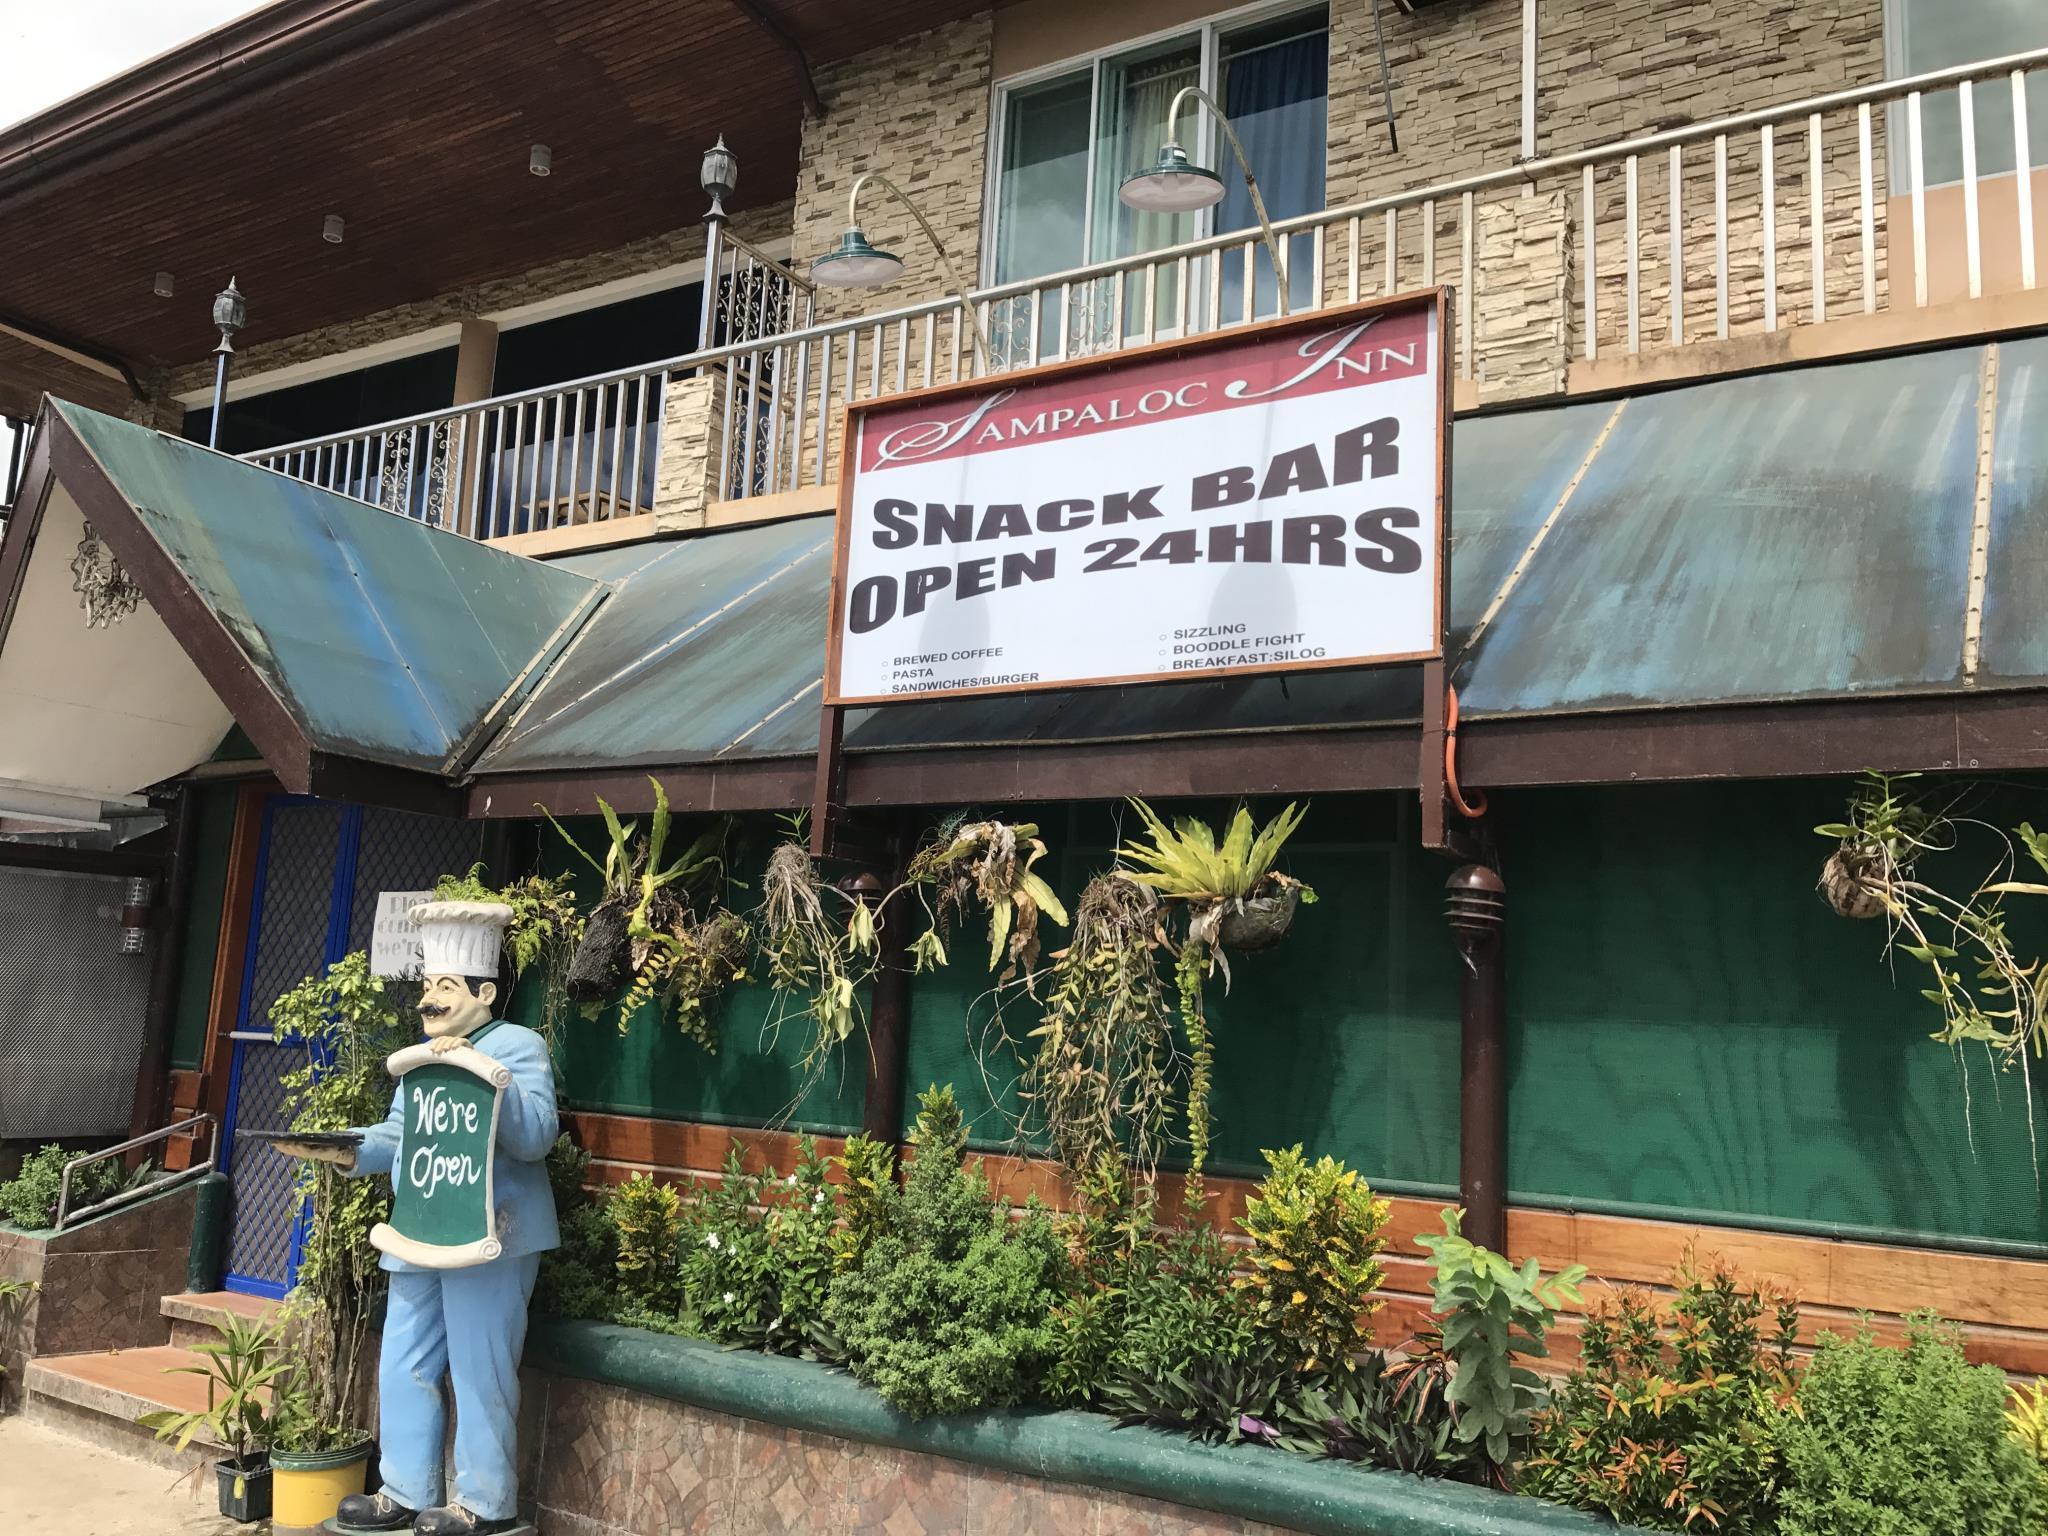 Sampaloc Inn